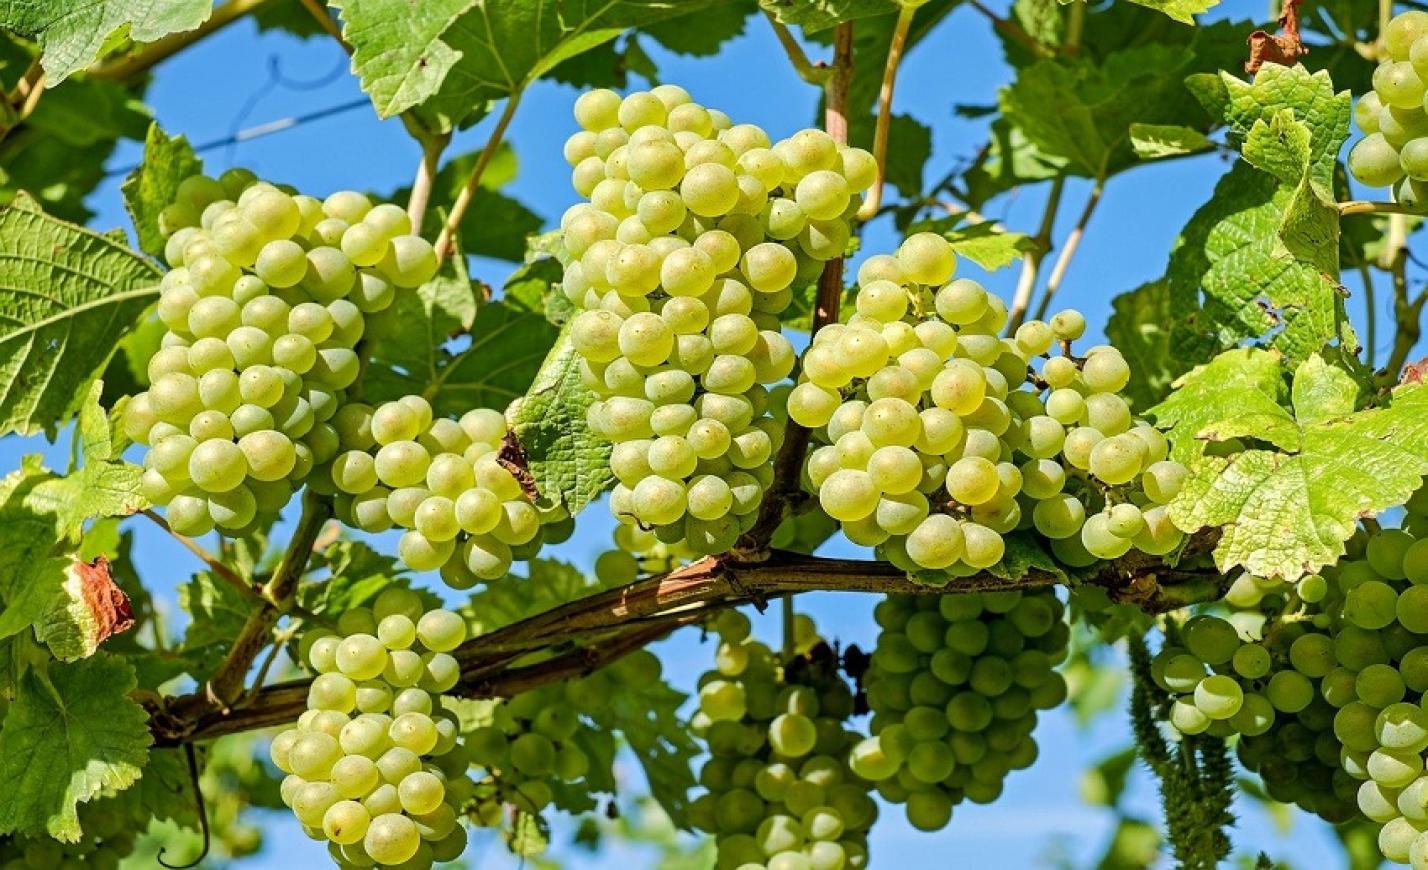 Nőtt a Varga Pincészet minőségi borai iránti kereslet a tavalyi évben